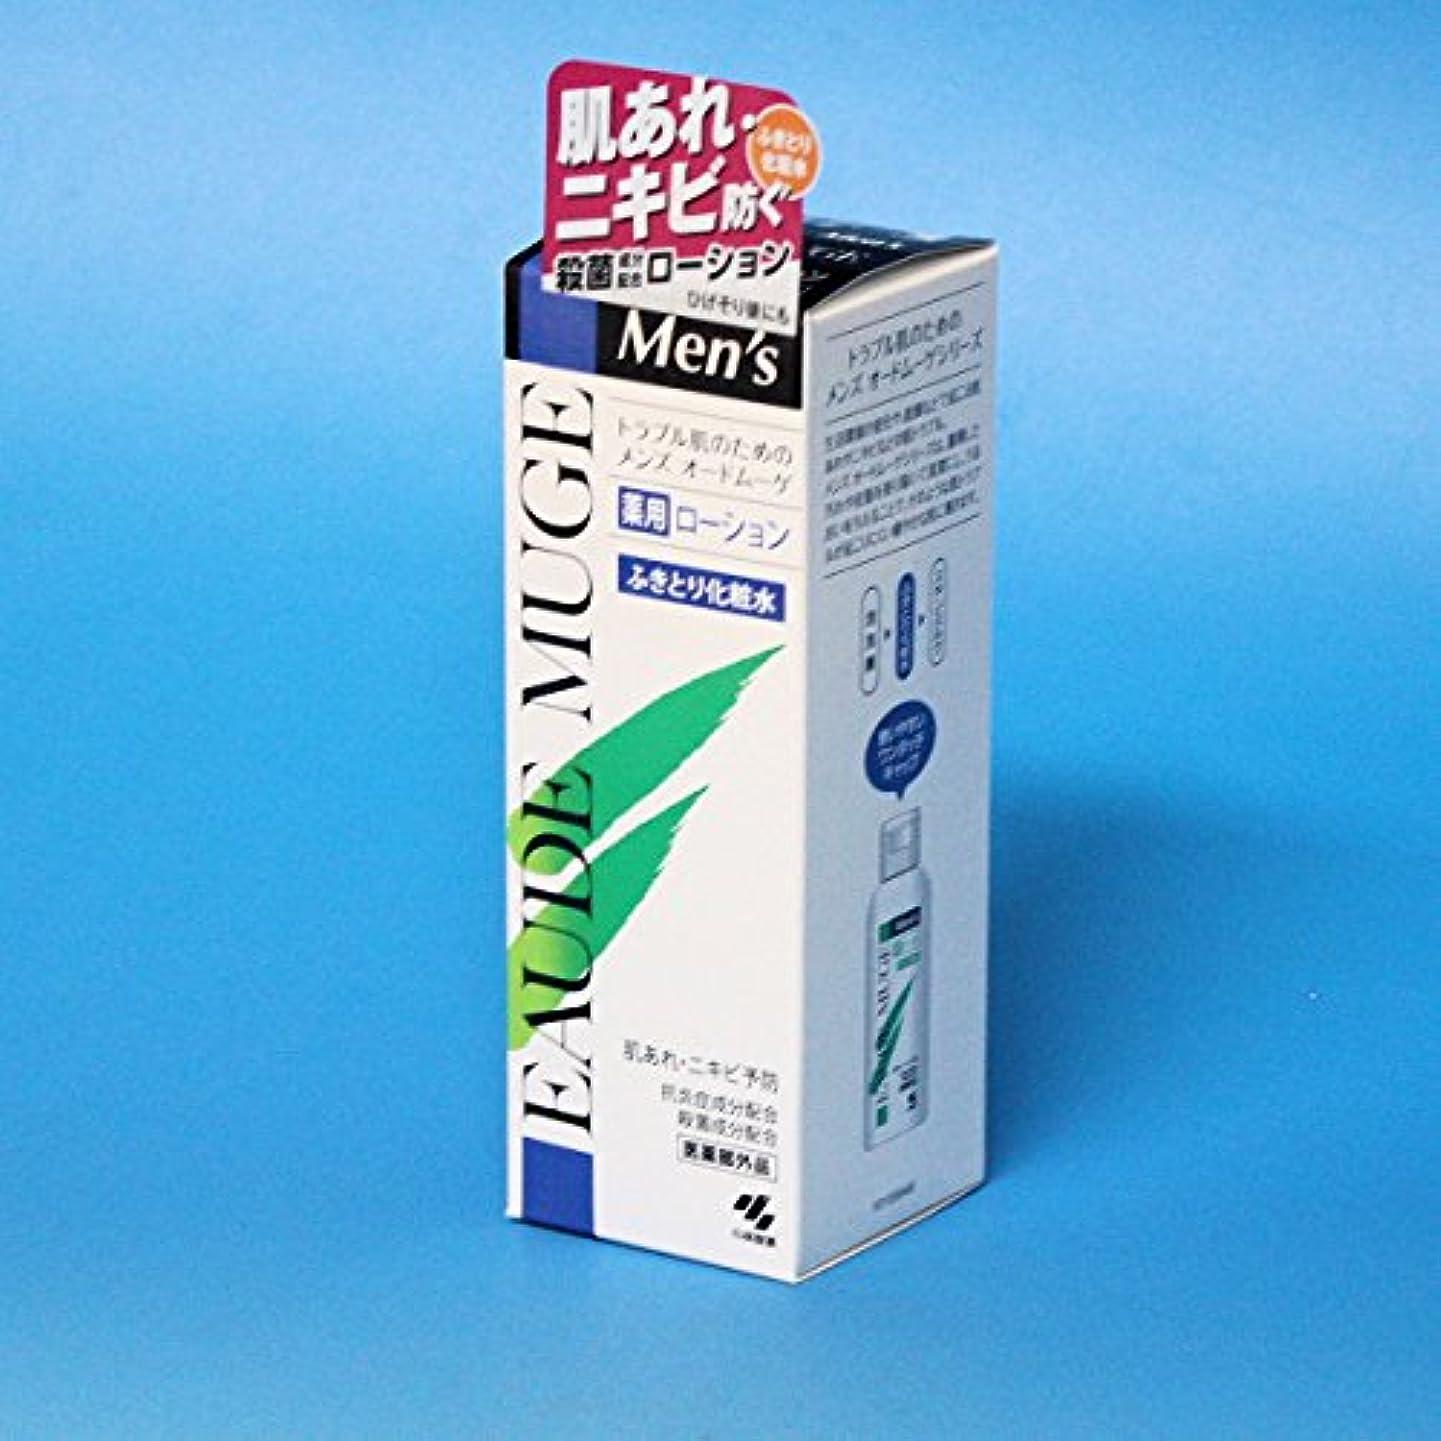 地殻幻滅するモディッシュメンズ オードムーゲ薬用ローション ふき取り化粧水 160ml